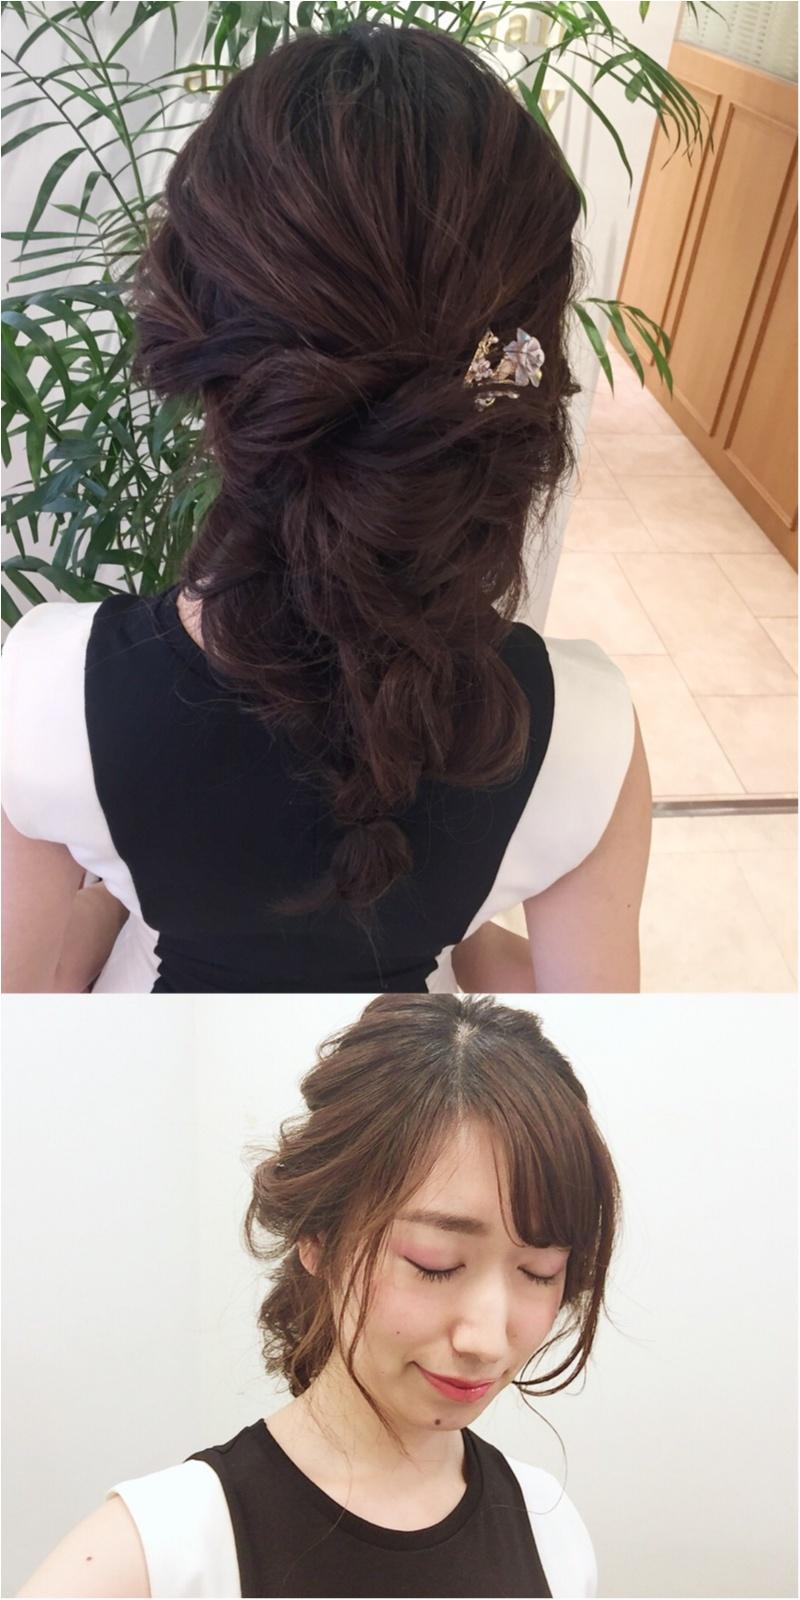 結婚式特集《髪型編》- 簡単にできるお招ばれヘアアレンジや、おすすめヘアアクセサリー_33